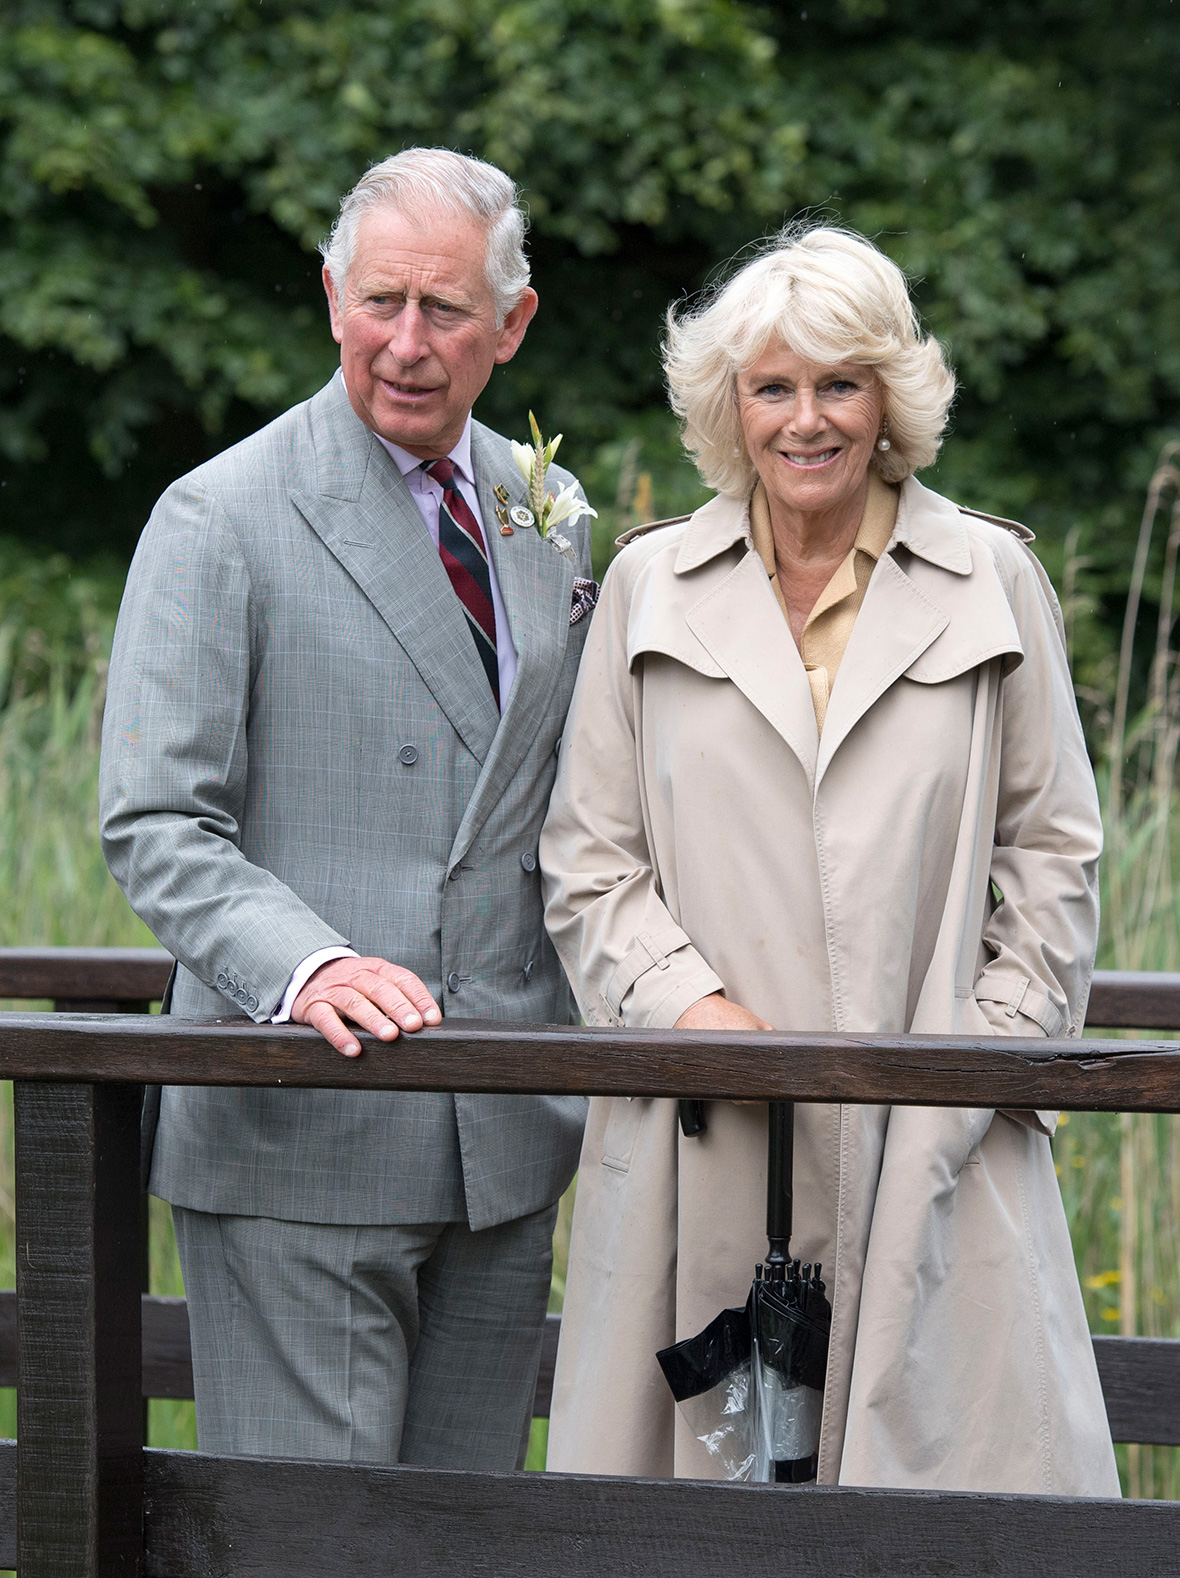 Charles and Camilla